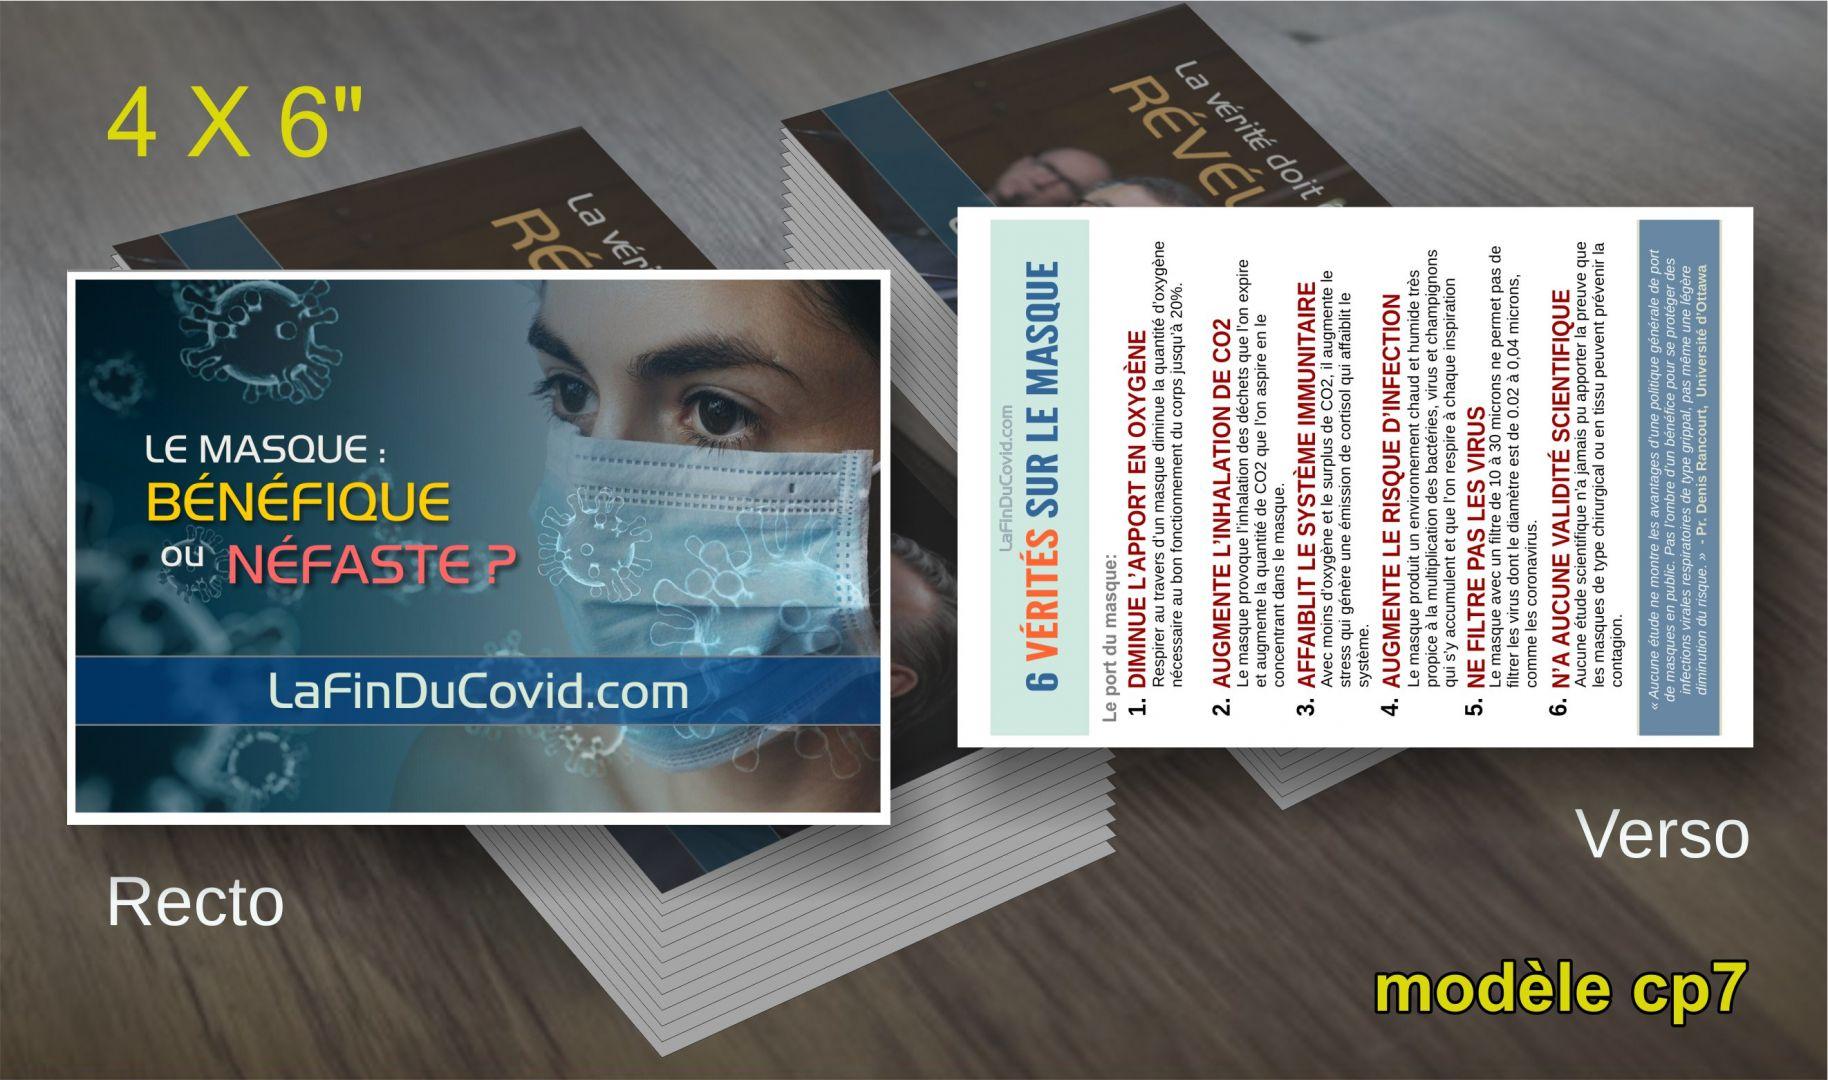 Cartes Postales (4x6) - (Le masque 6 vérités détaillées)